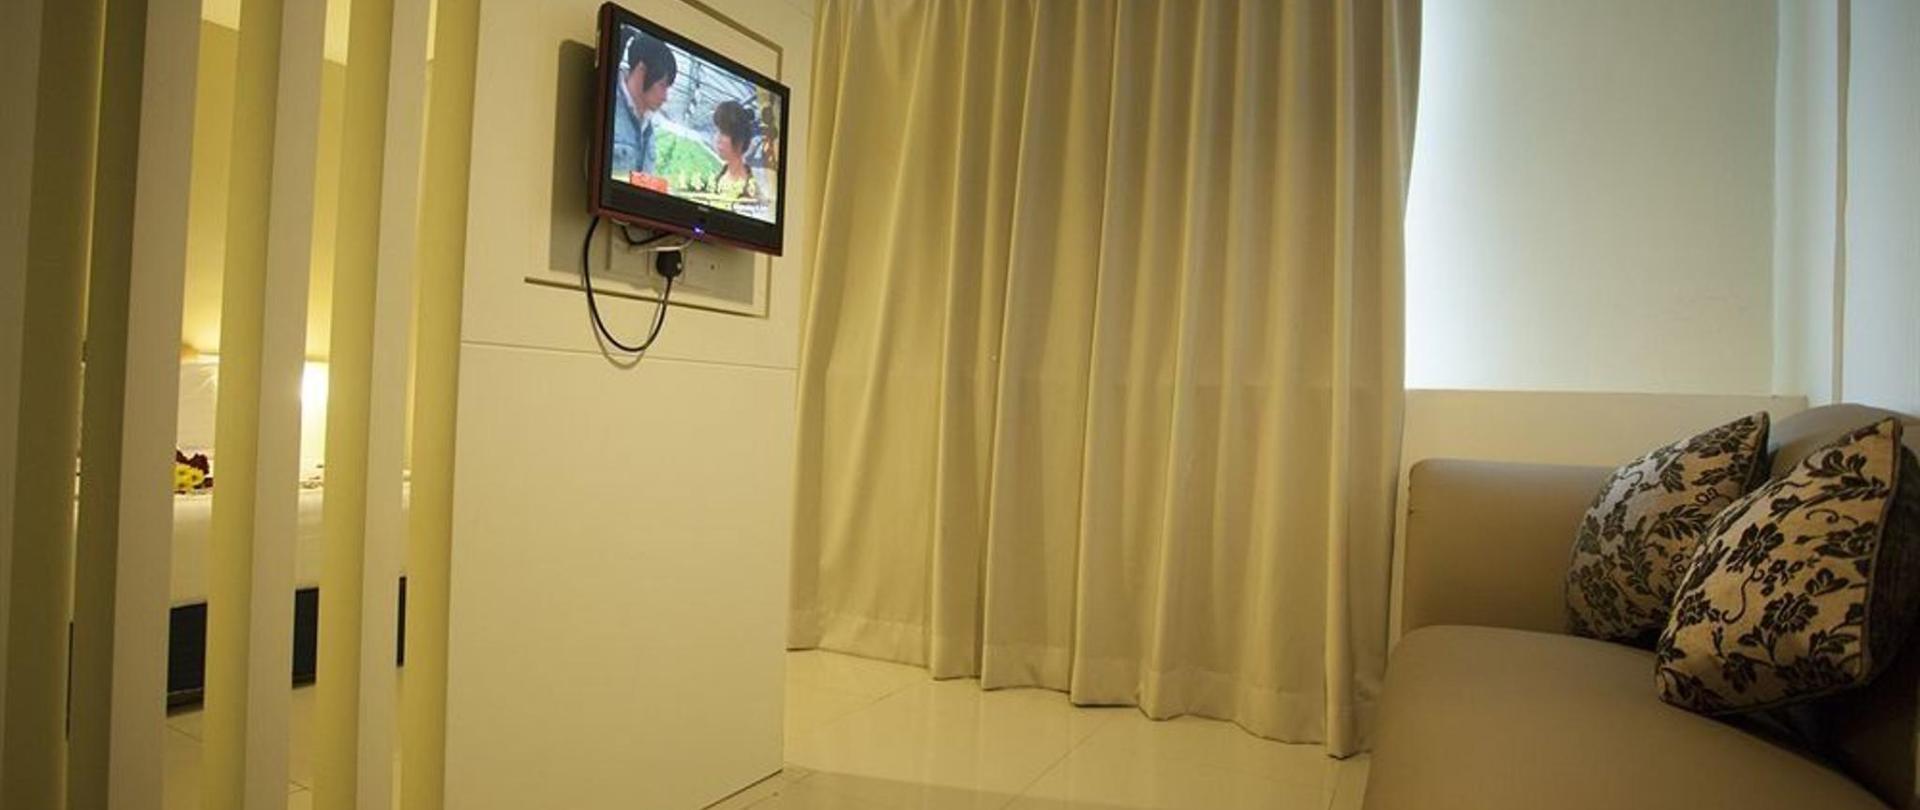 deluxe-premier-window-with-sofa.jpg